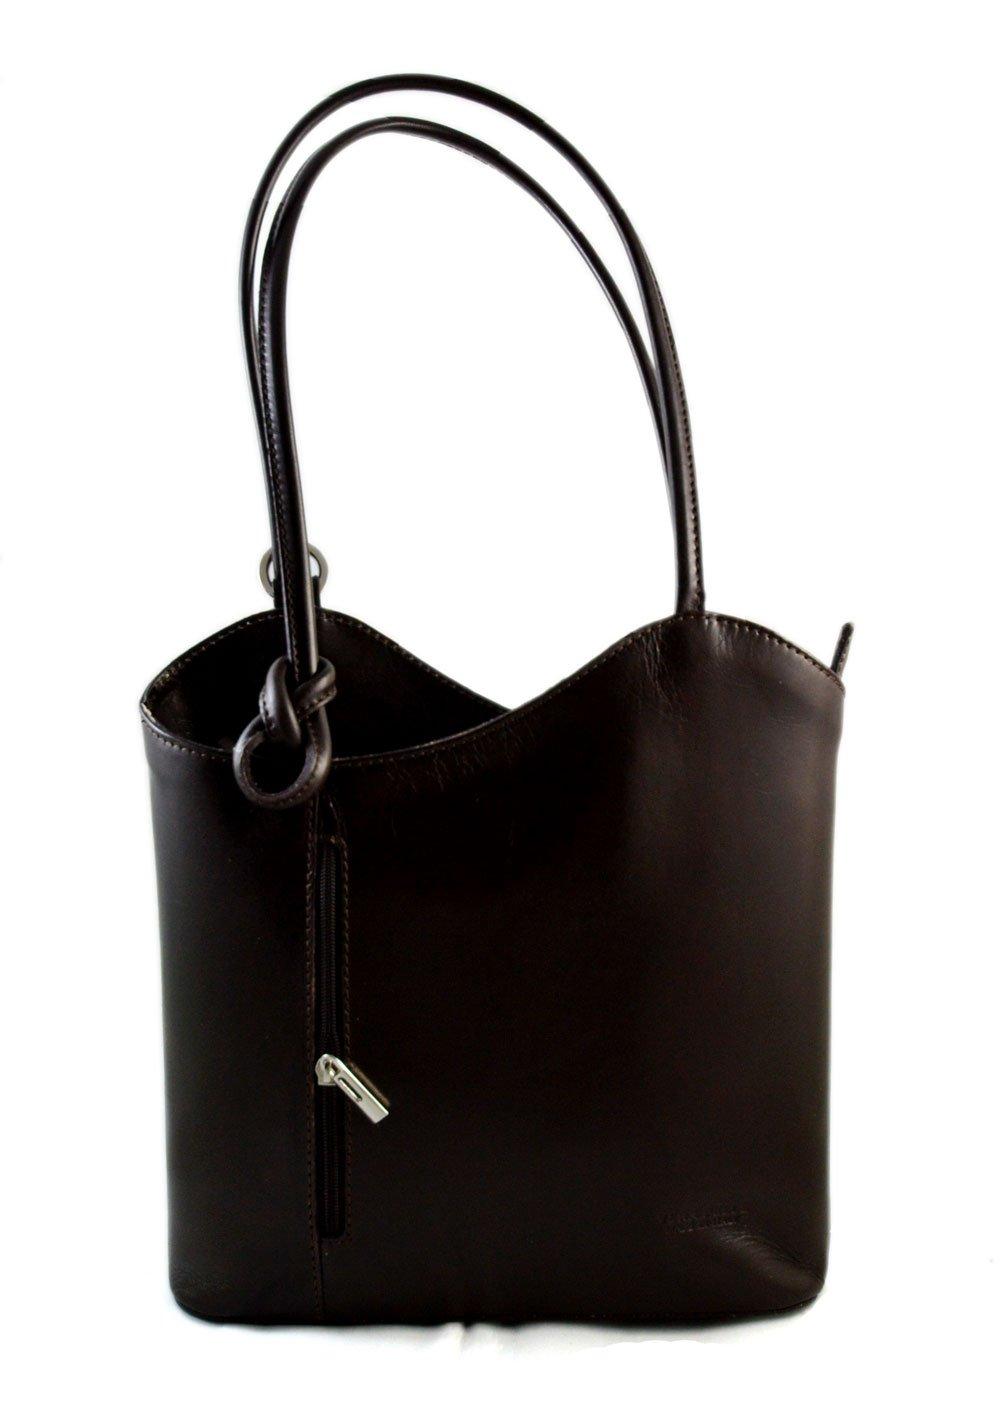 Ladies handbag dark brown leather bag clutch hobo bag backpack crossbody women bag made in Italy